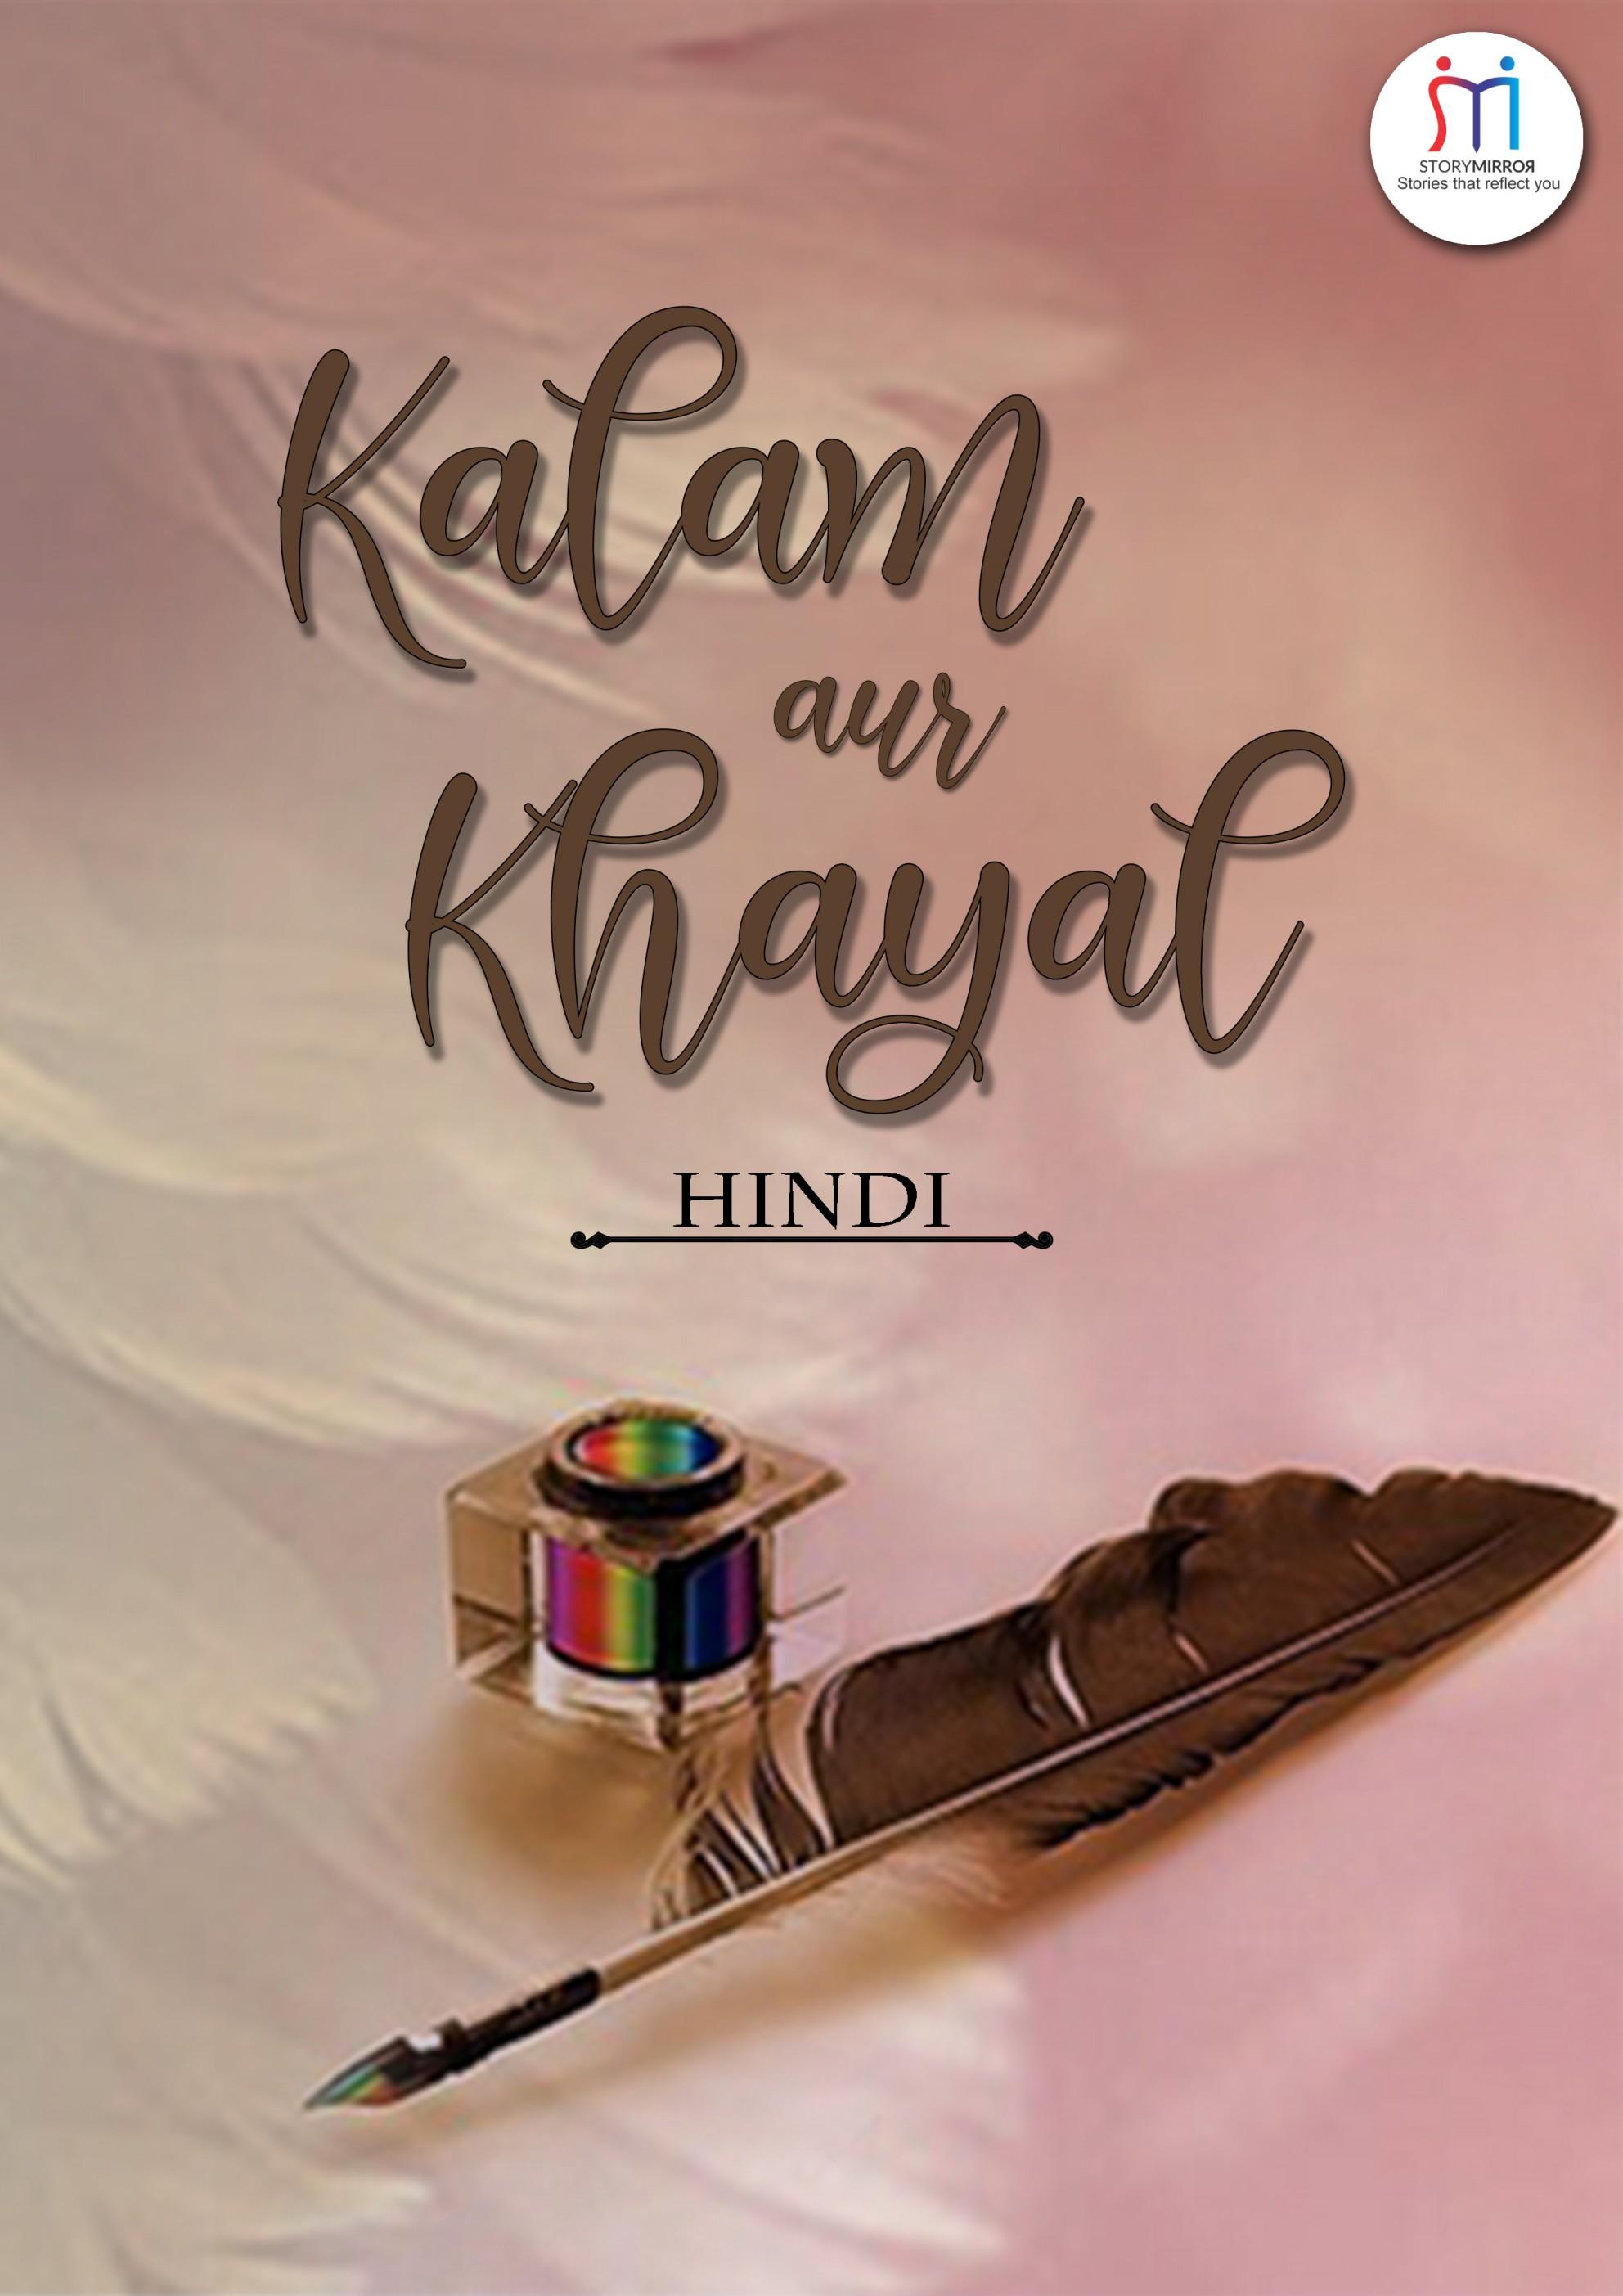 कलम और खयाल (Hindi)